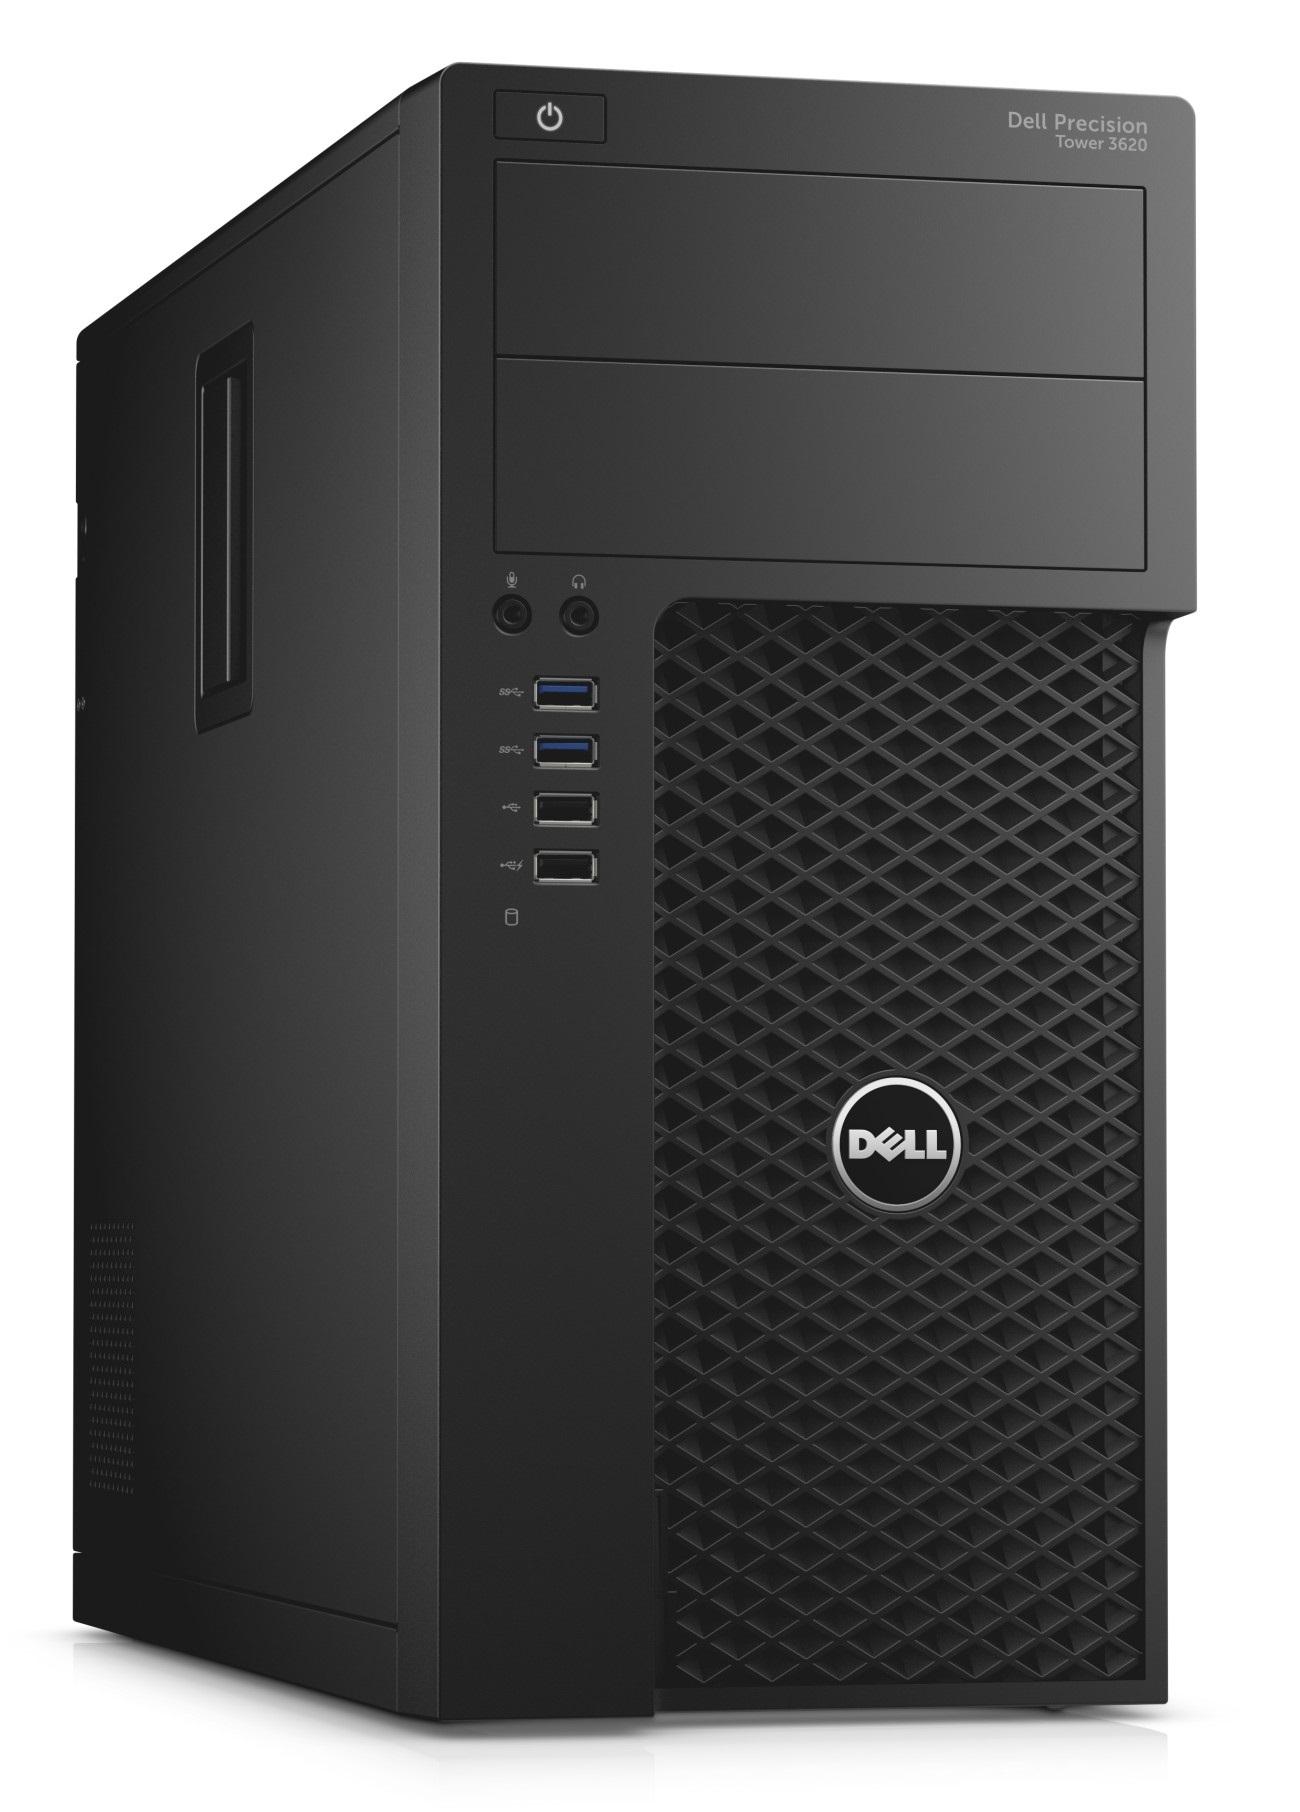 Dell Precision T3620 MT i7-6700/8G/1TB/K420-2G/HDMI/DP/DVD-RW/W7P+W10P/3RNBD